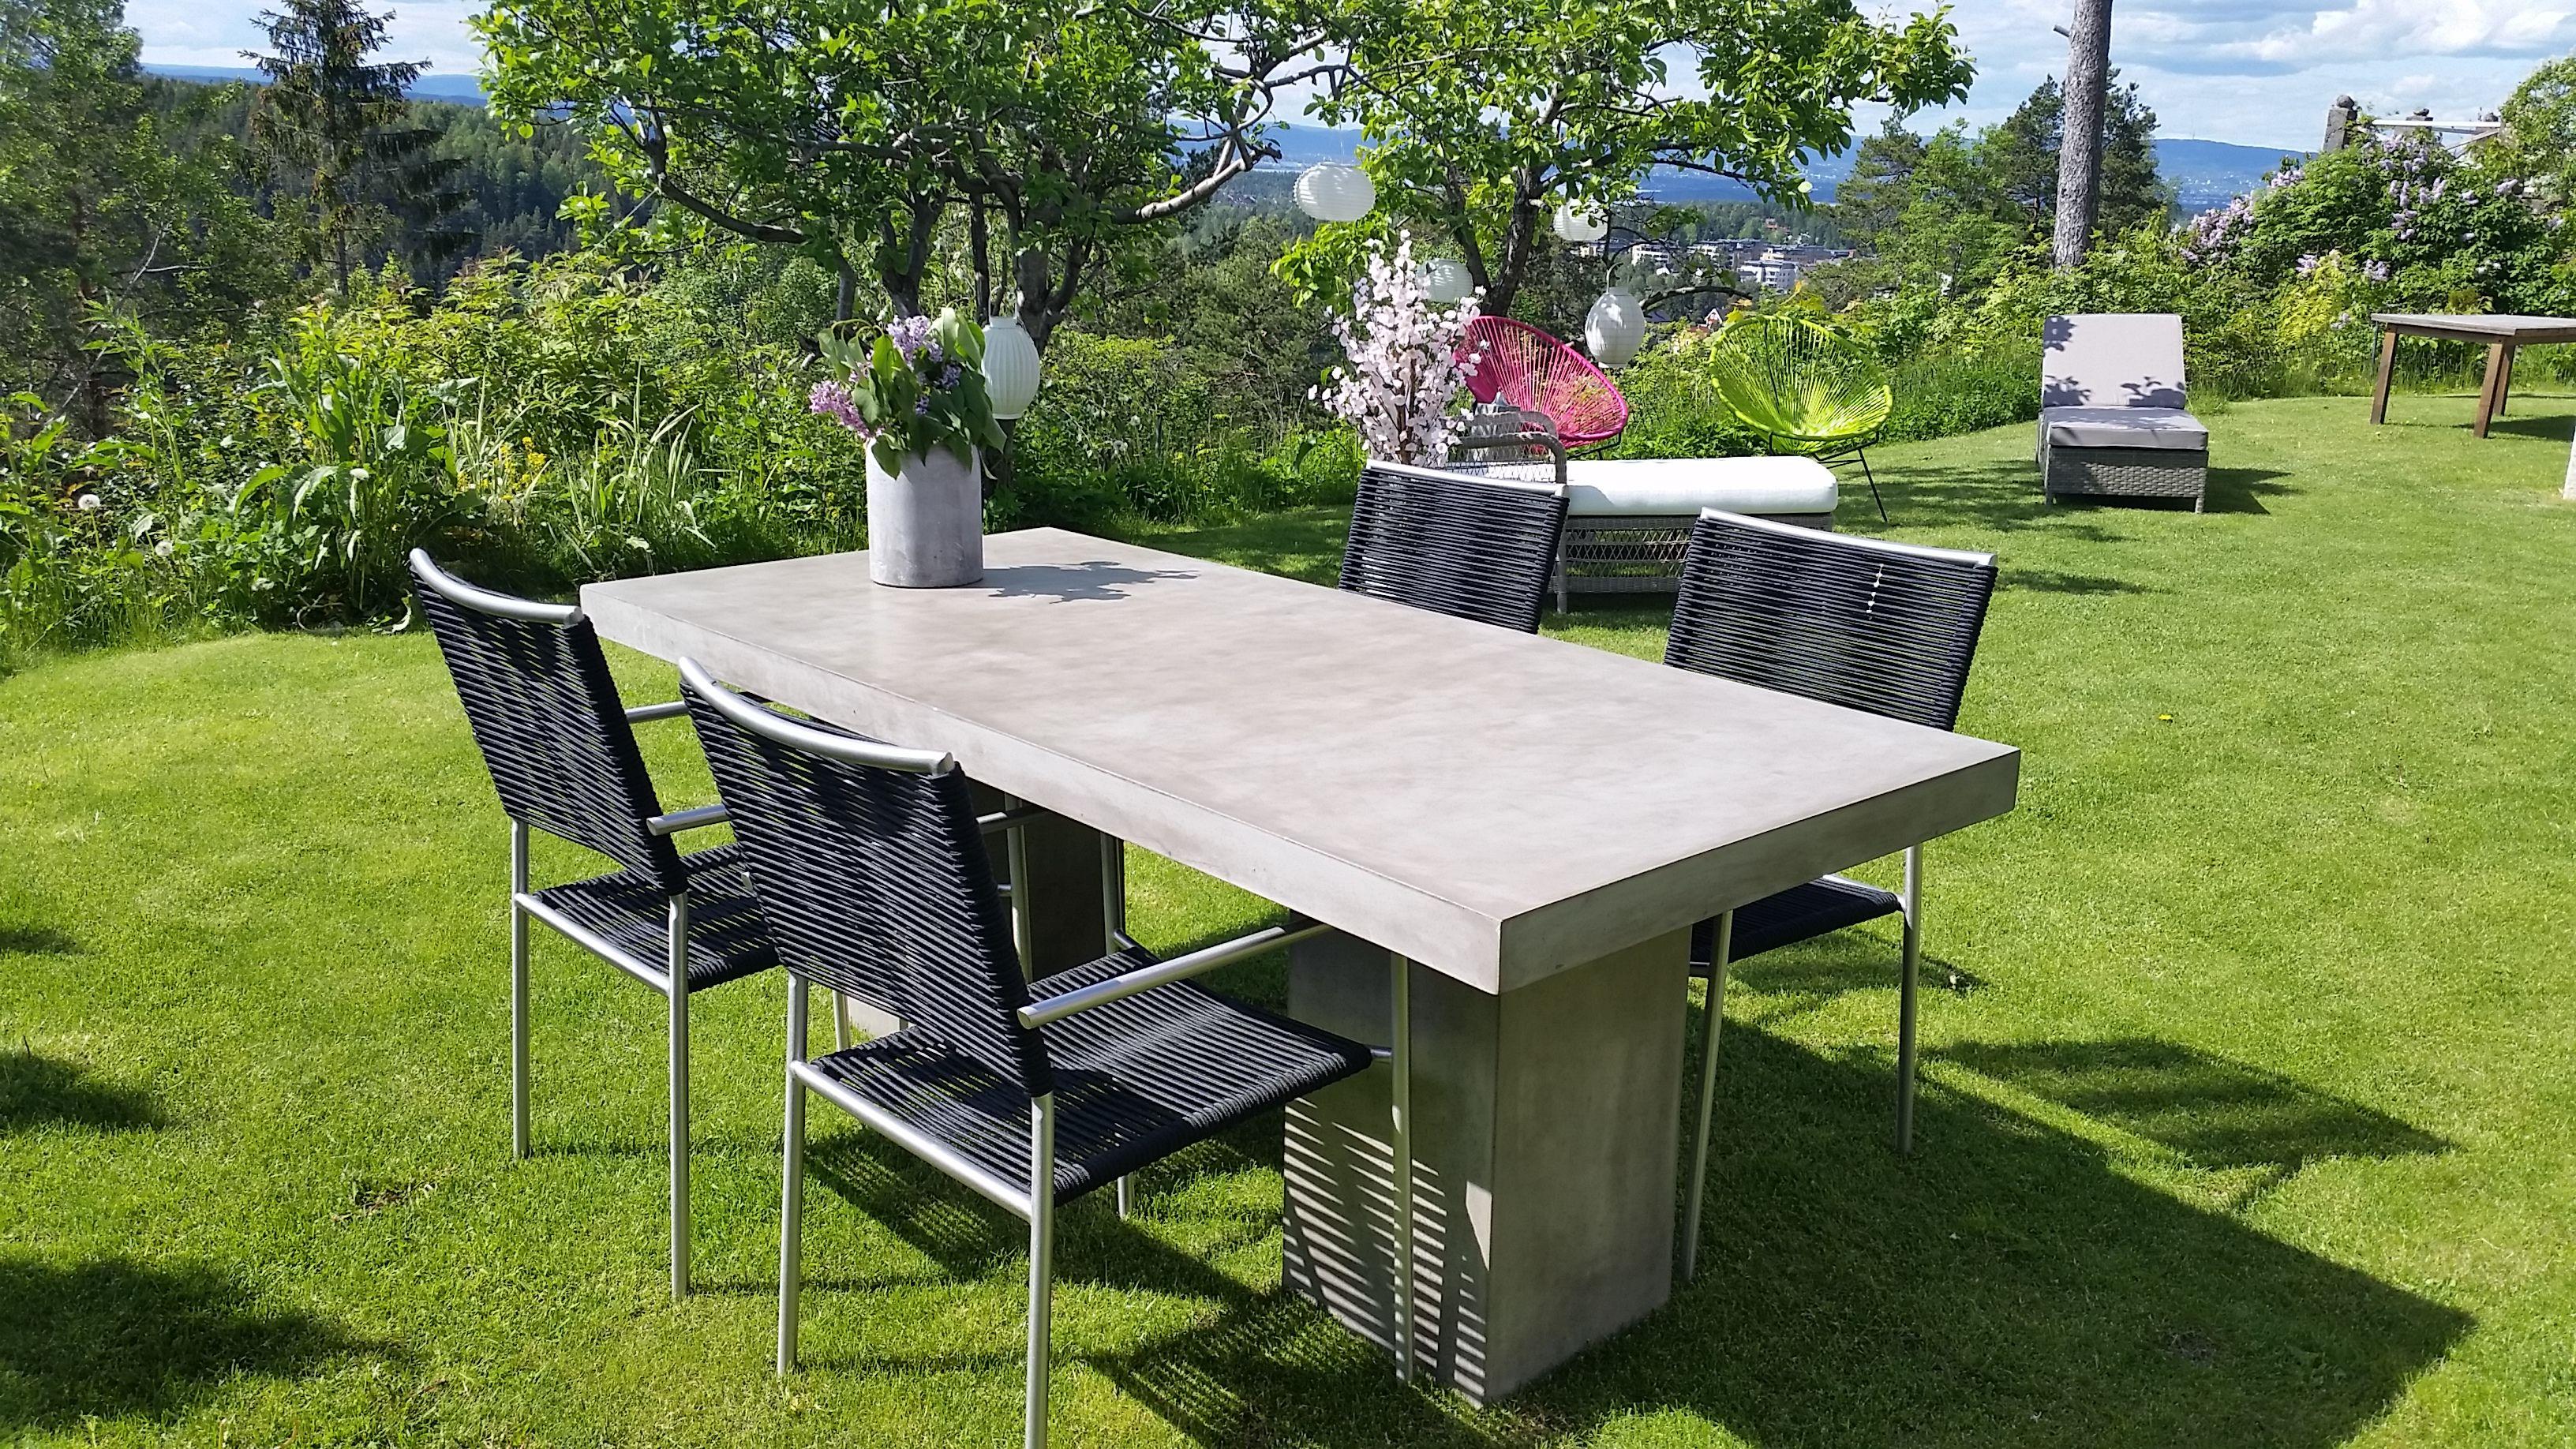 Bord i fiber cement. Kando table: Lengde 200 cm, bredde 90 cm og ...